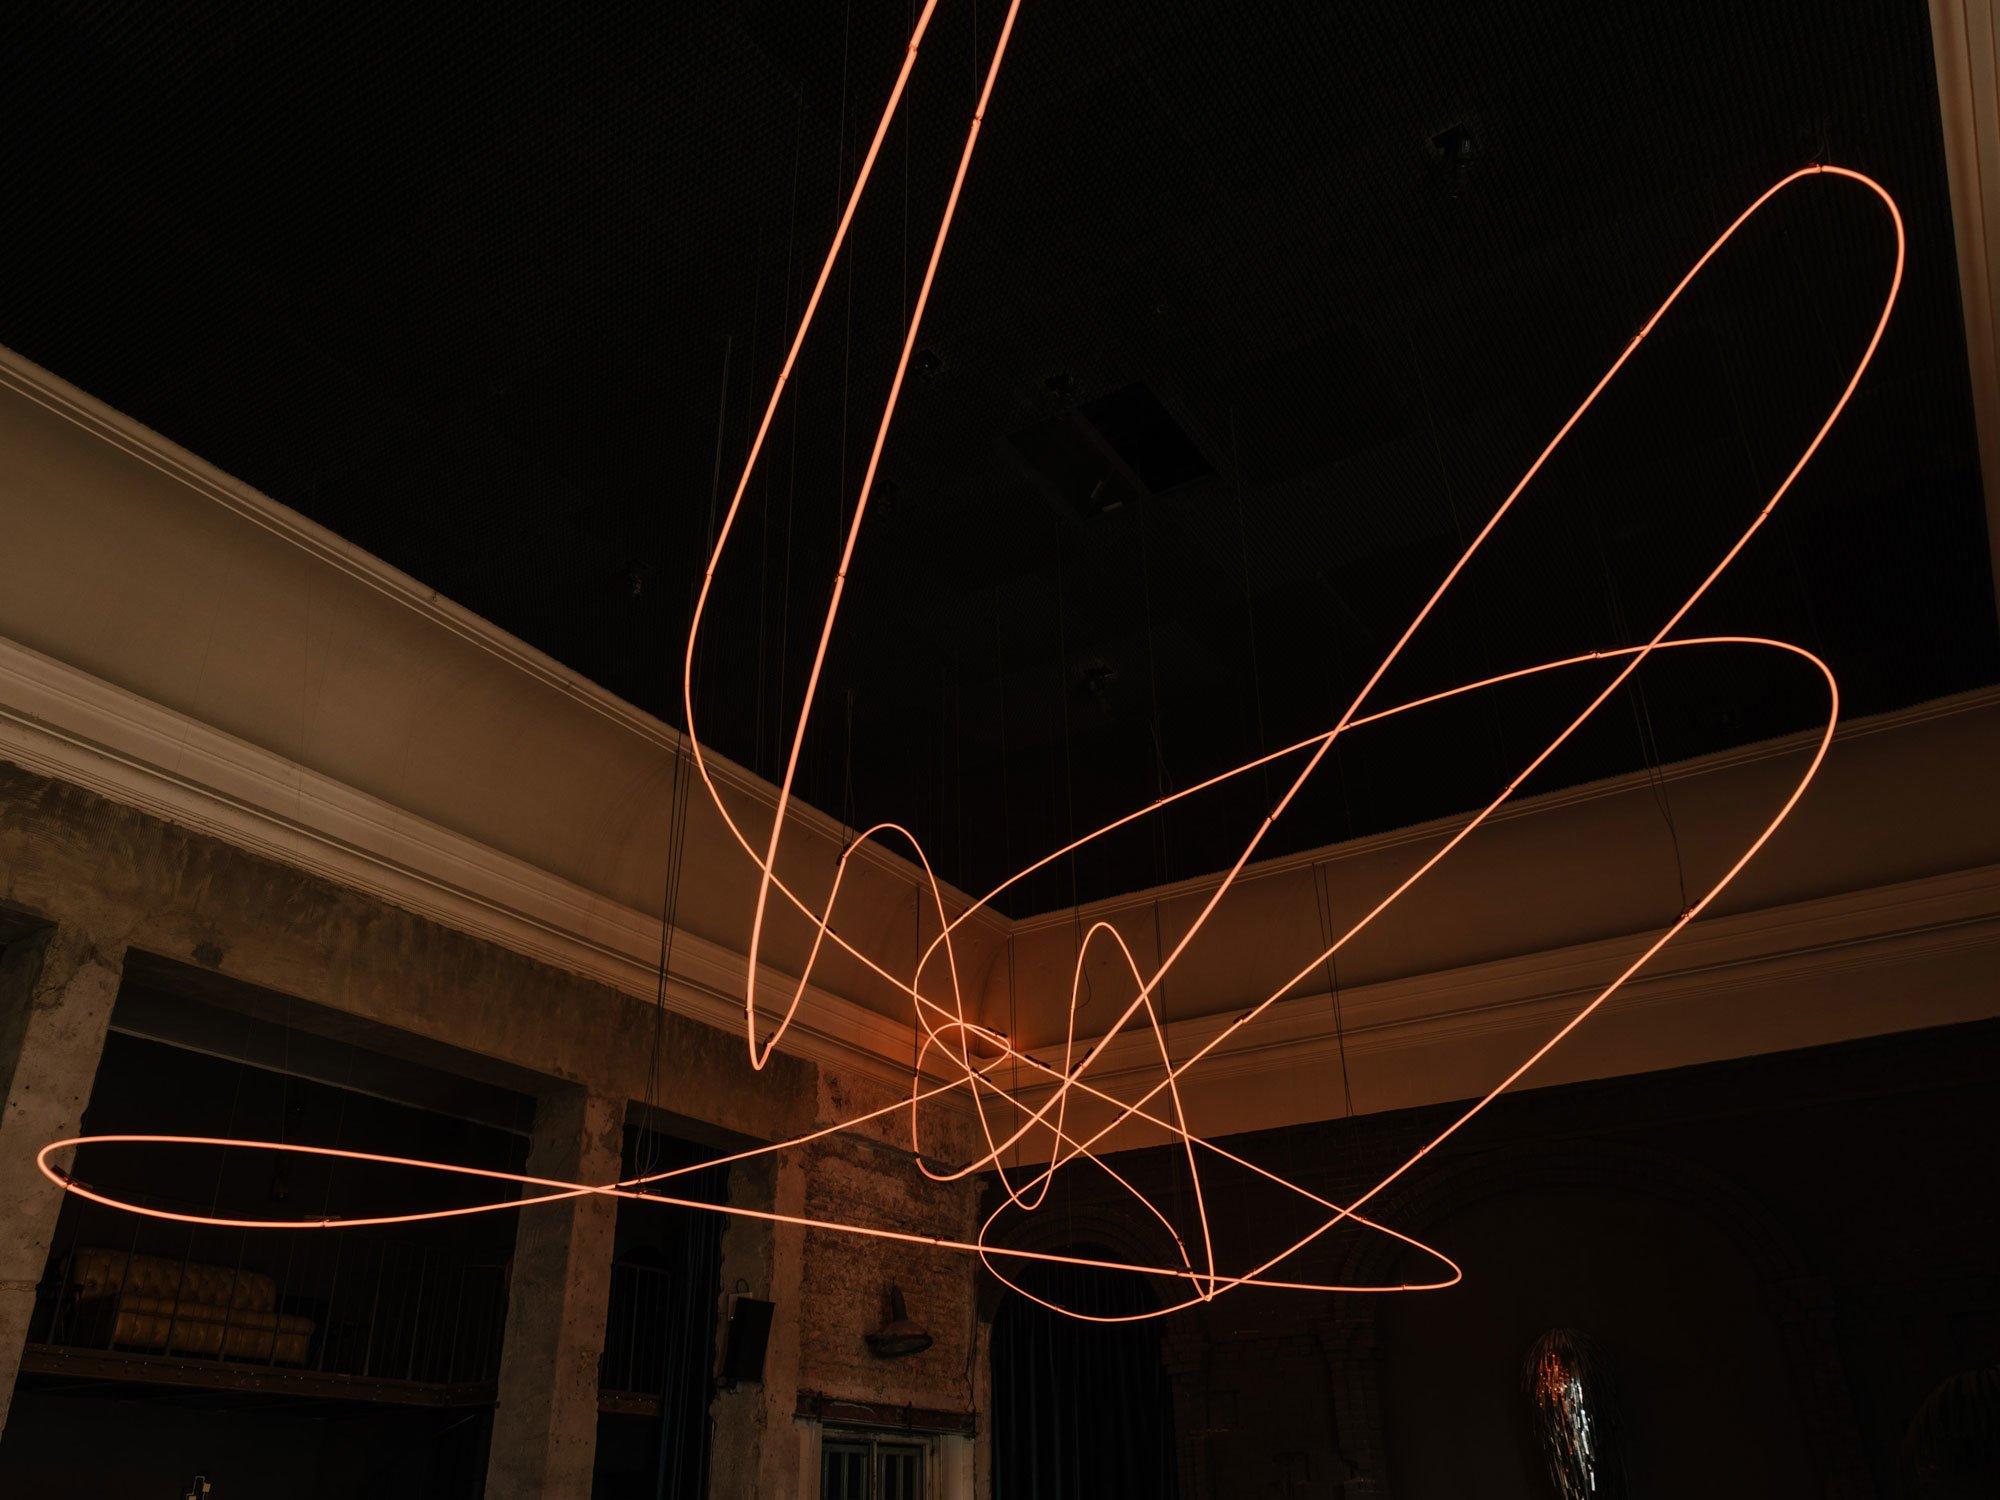 Spaceknot (Pfefferberg) heißt die Arbeit vonKerim Seiler: ein riesiges Knäuel aus mehr als 100 Meter langen Neonröhren, die in gedämpfter Lichtintensität für eine warme, angenehme Beleuchtung des großen Saals sorgen. Foto:Robert Rieger